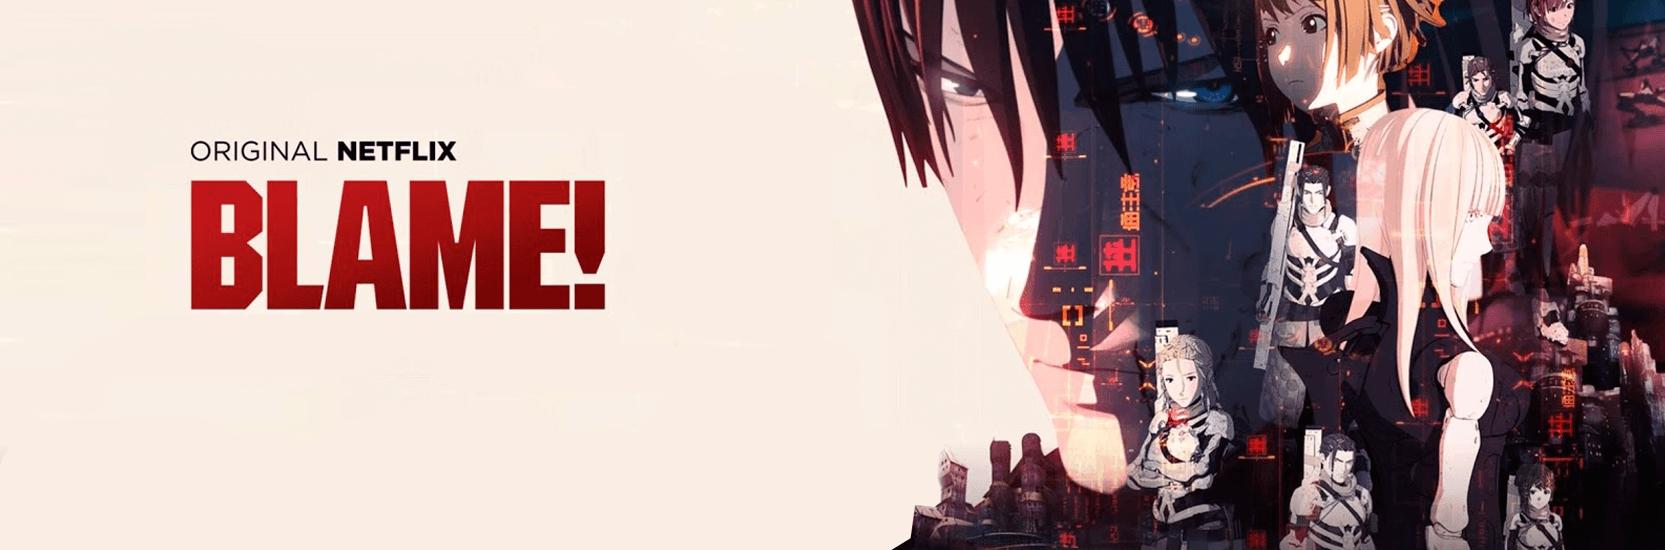 «Godzilla», «BLAME!» de Polygon Pictures seront sur Netflix